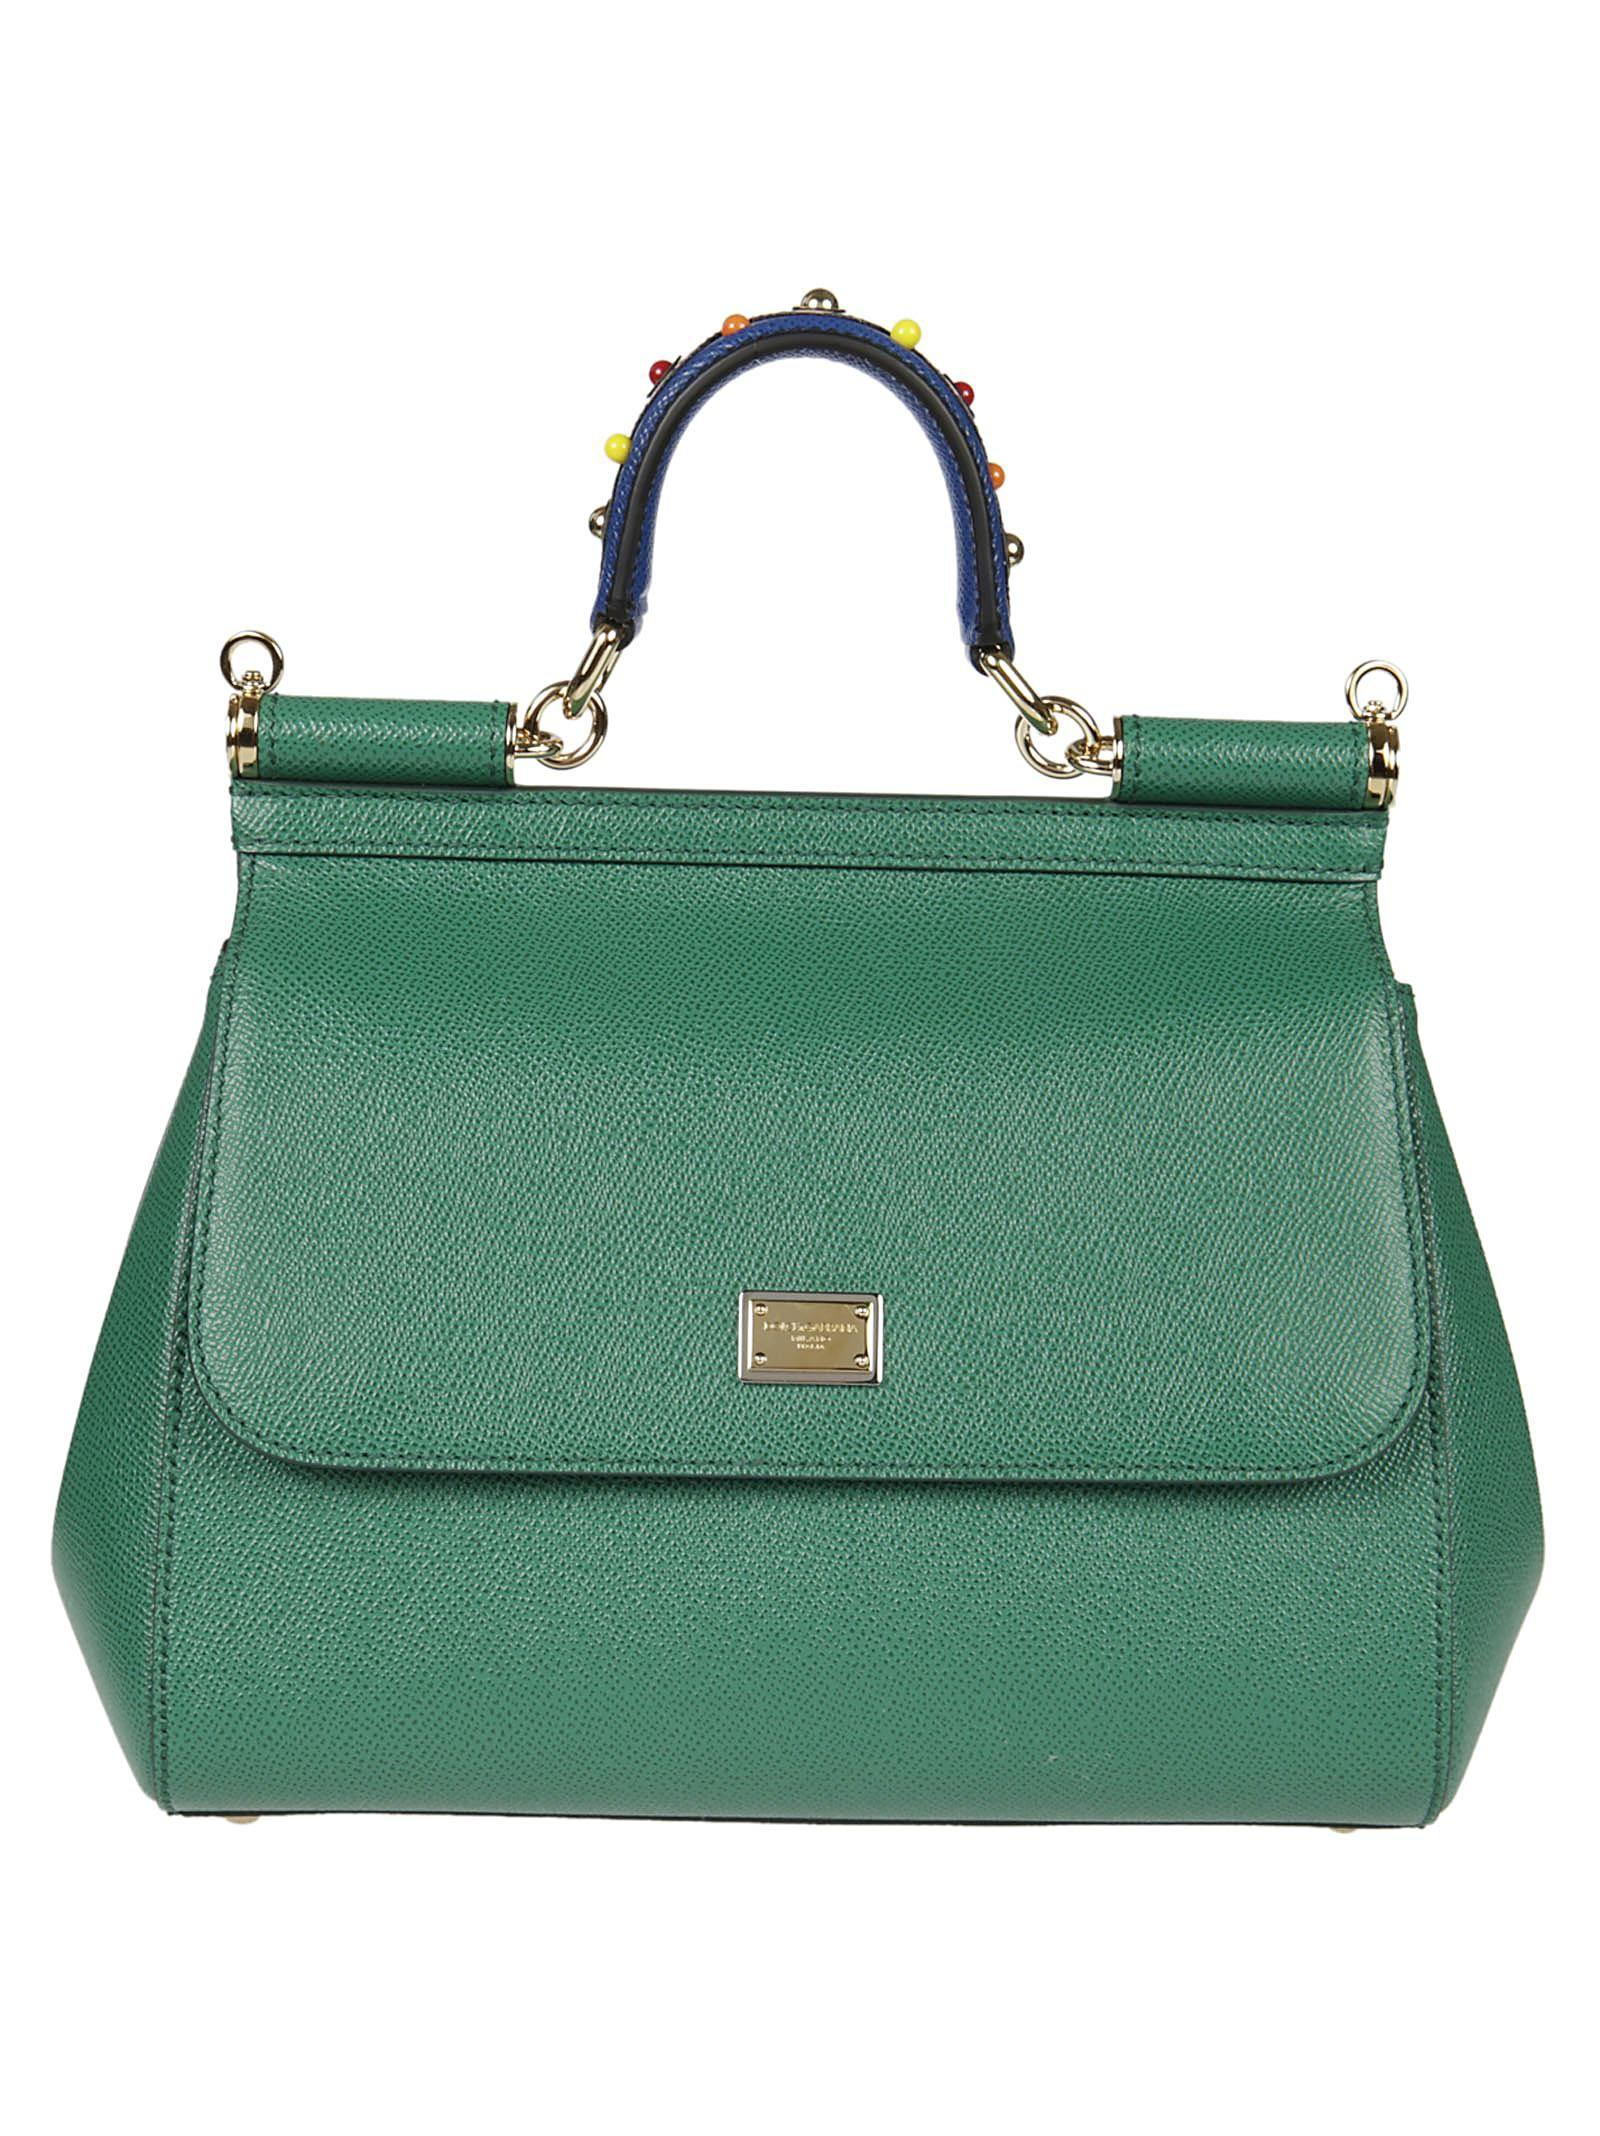 Dolce & Gabbana Beatrice Tote In Verde